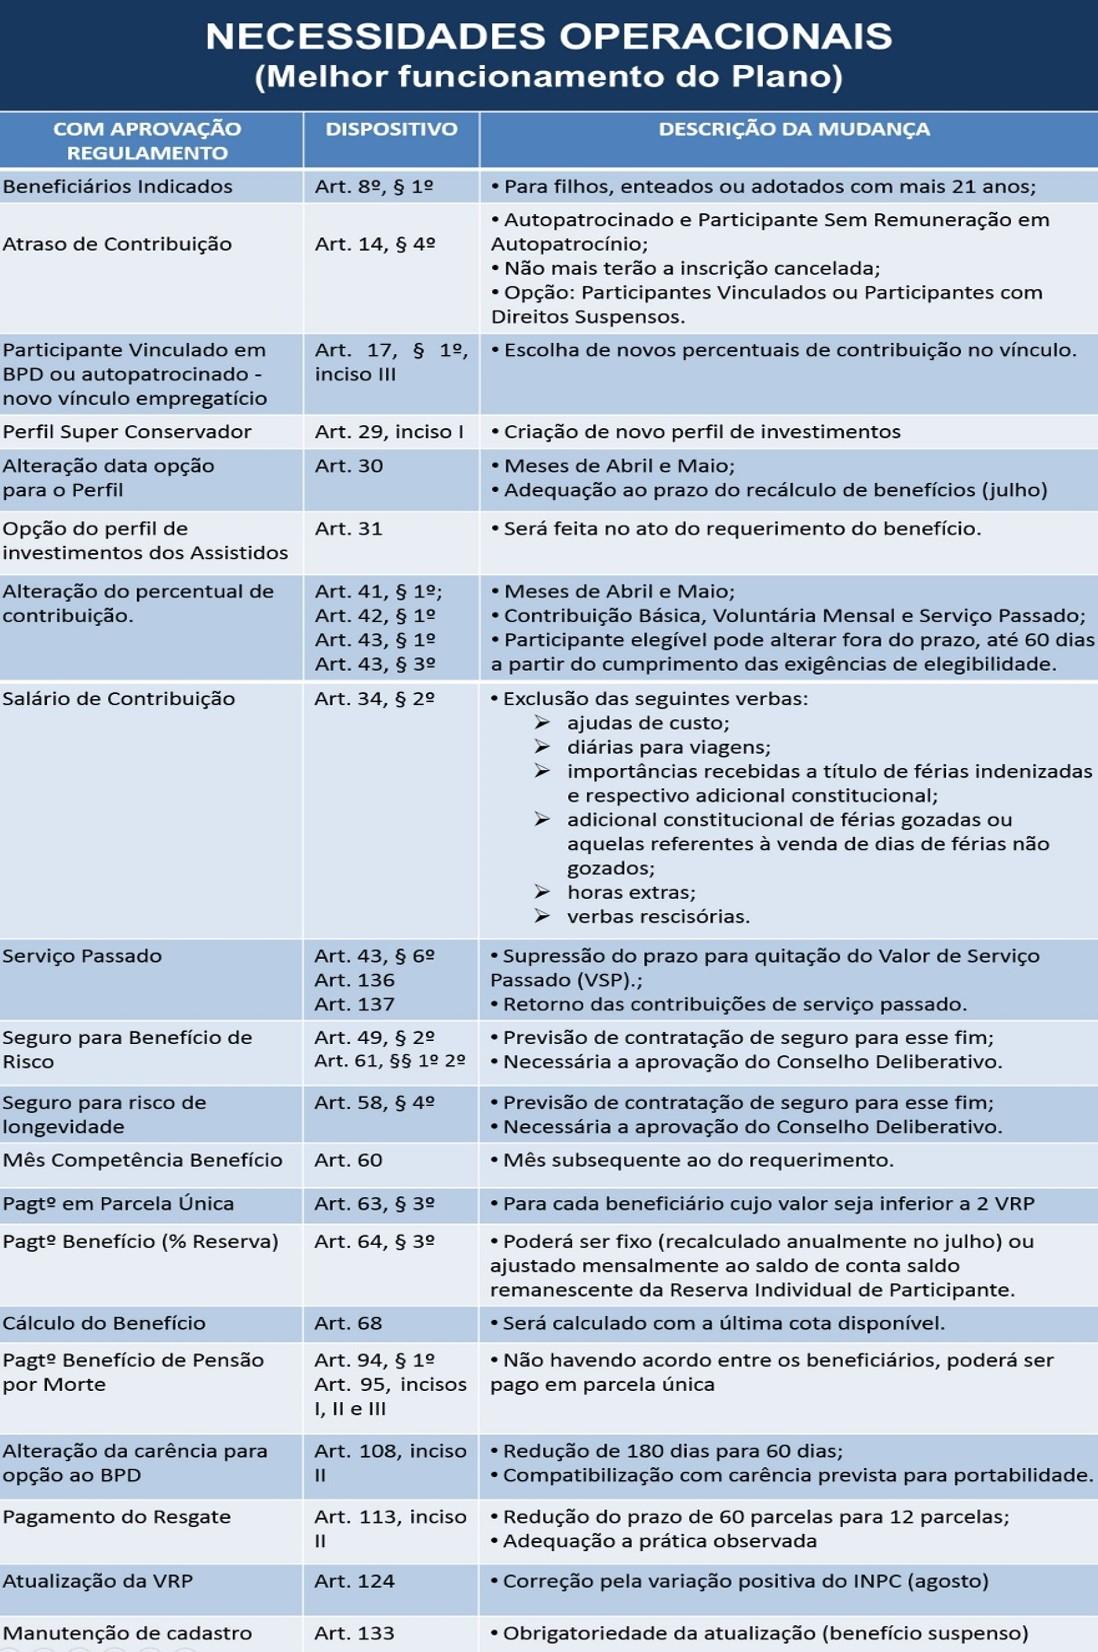 NECESSIDADES OPERACIONAIS Adequações do Regulamento do Plano SEBRAEPREV